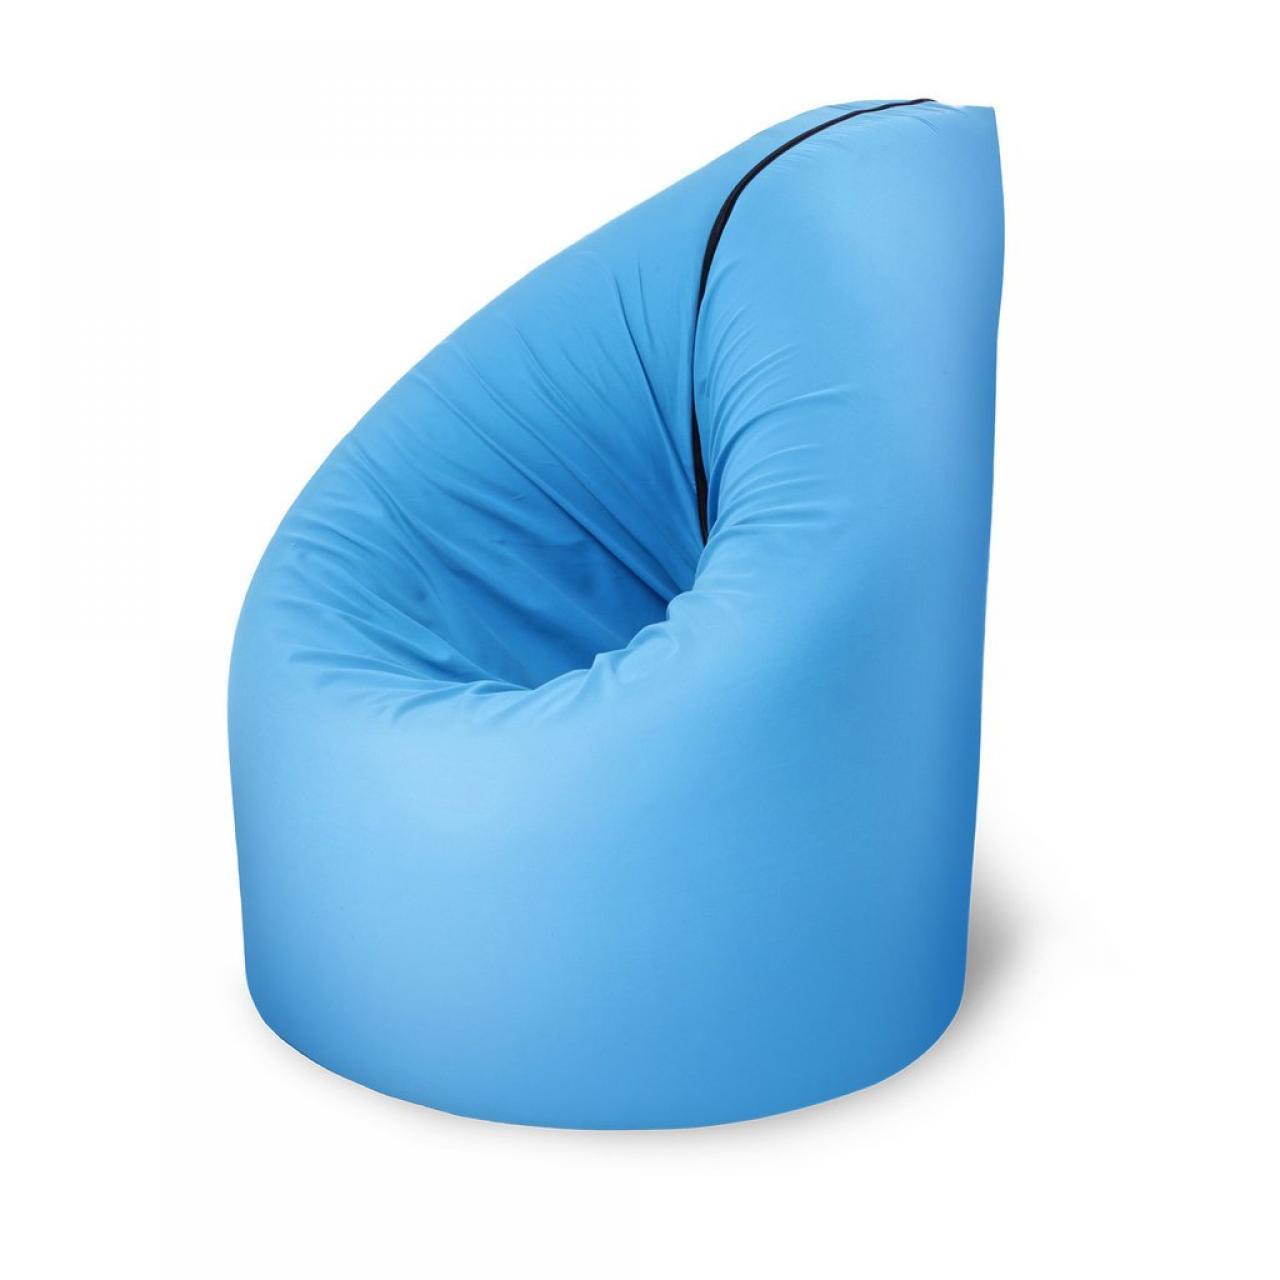 Paq Sitzsack/Bett in blau